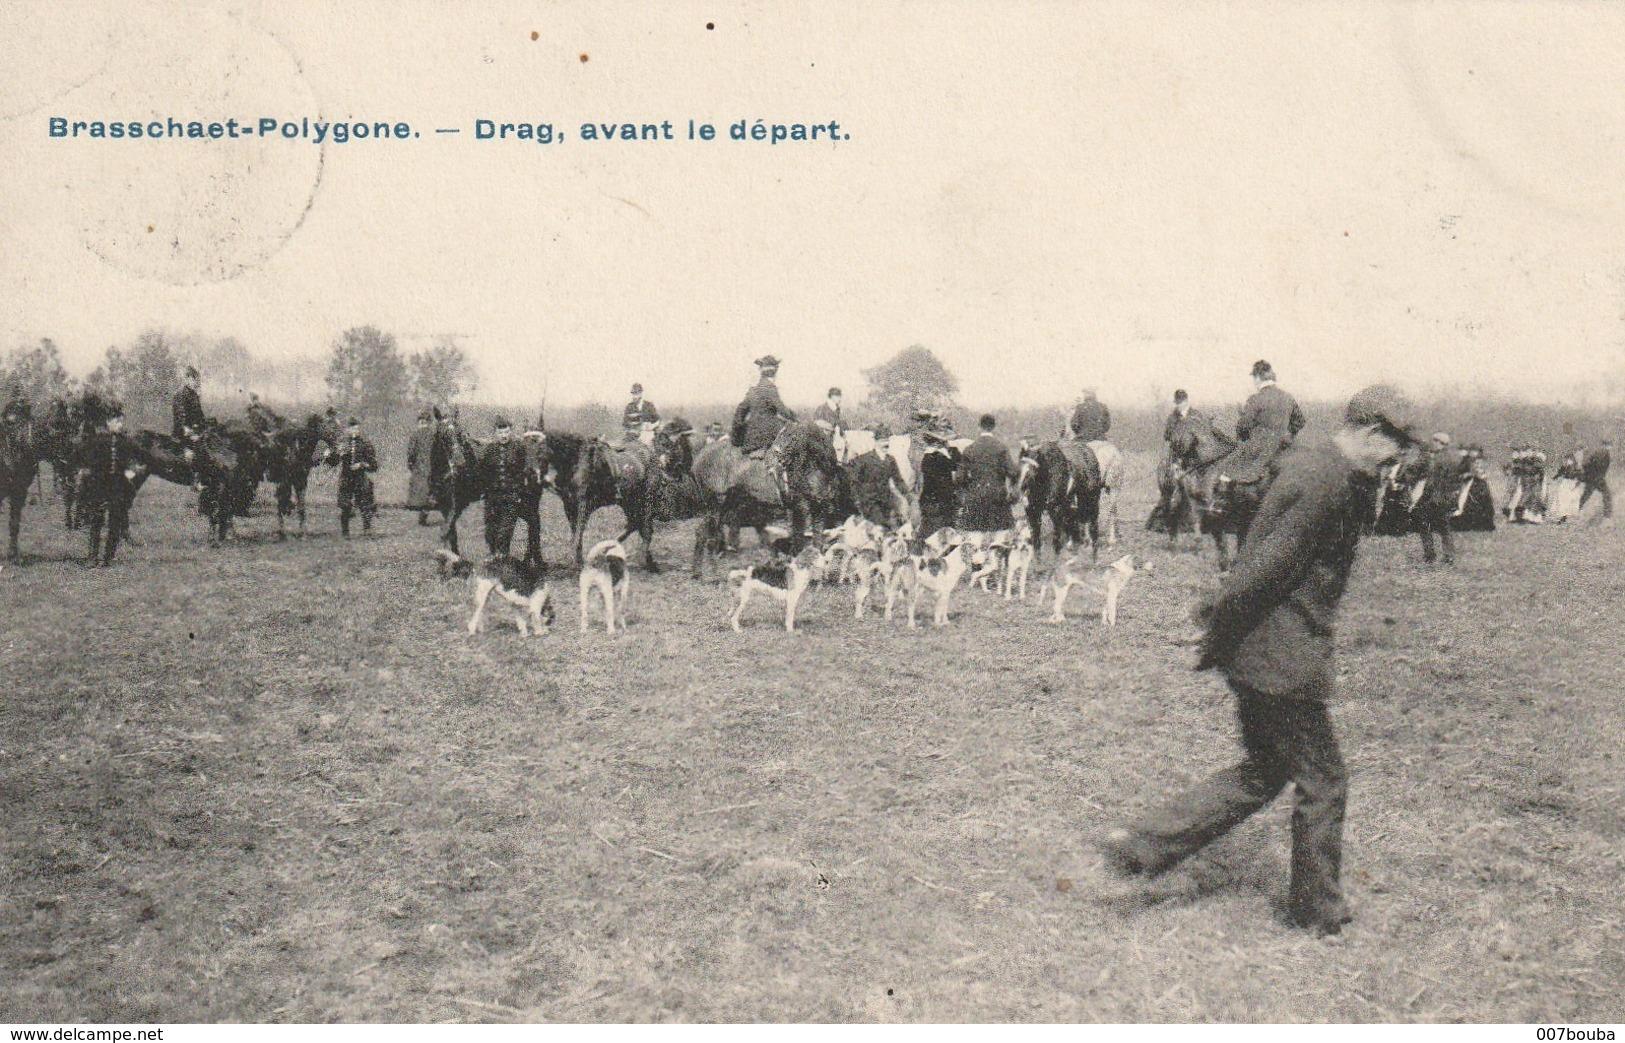 BRASSCHAET BRASSCHAAT / POLYGONE / DRAG, AVANT LE DEPART - Voyagée 1909 - Brasschaat